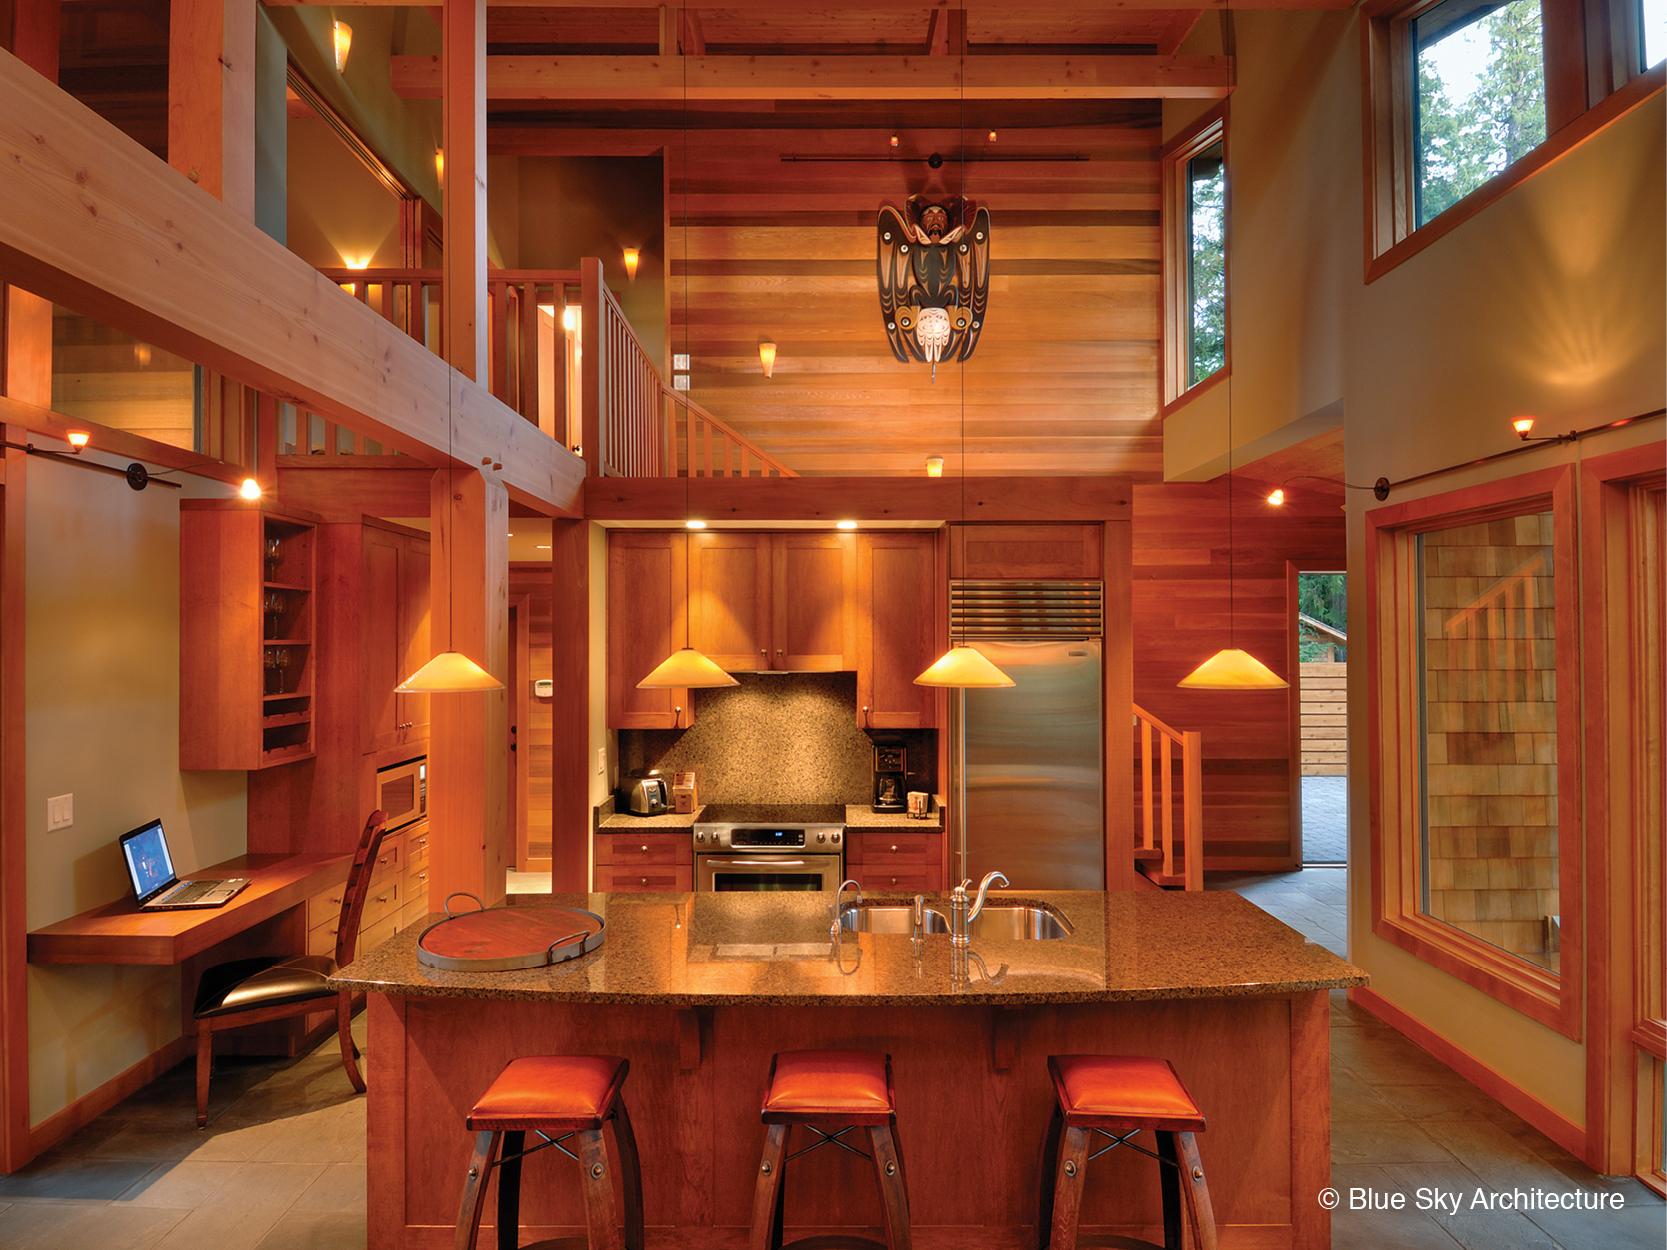 West Coast Modern kitchen